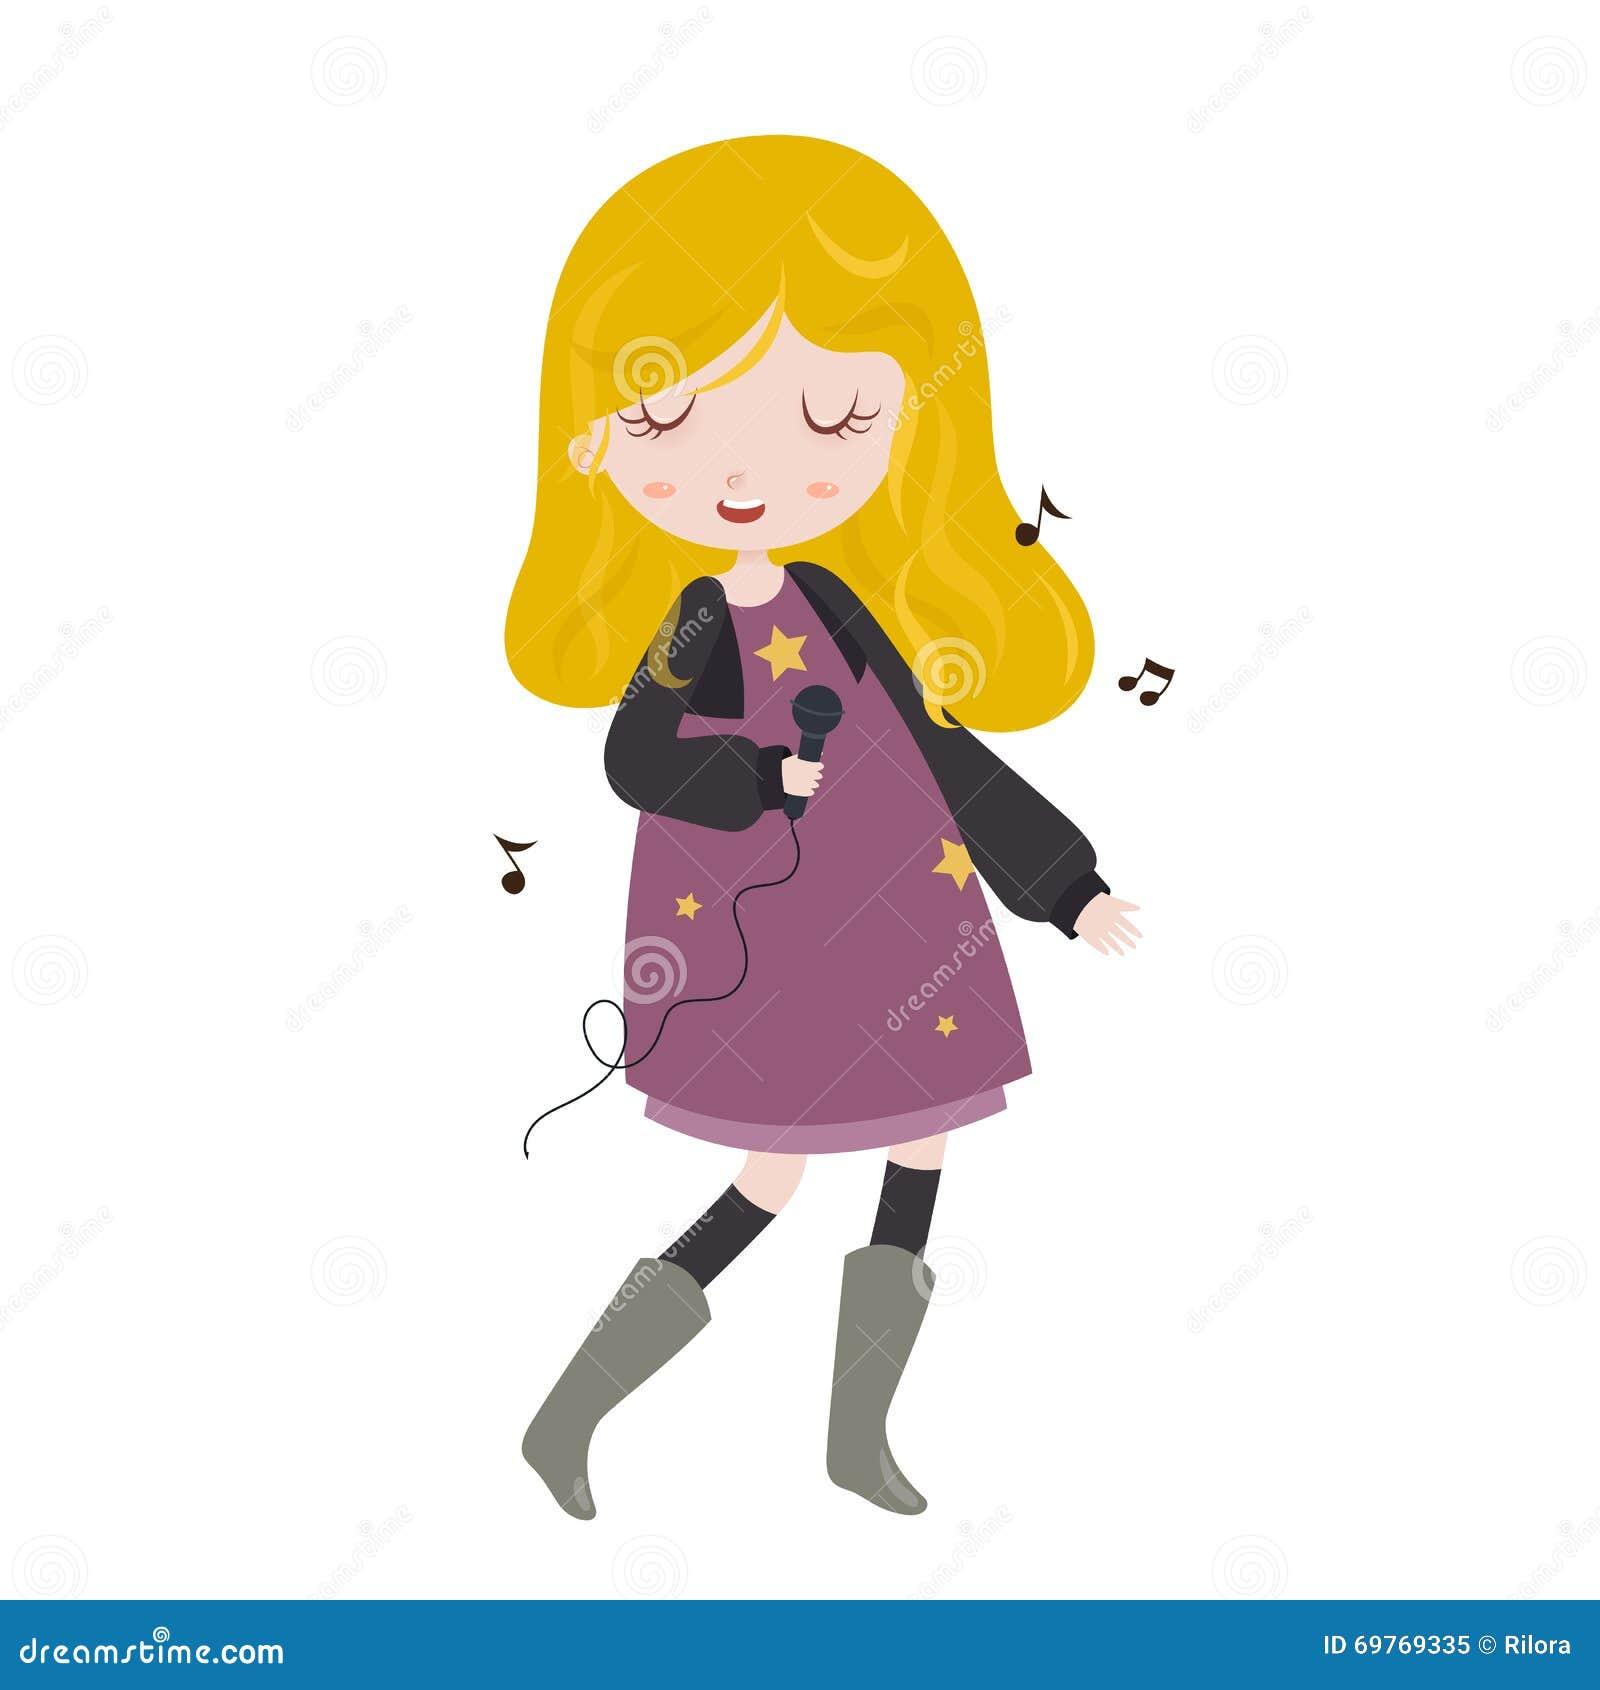 表情唱歌话筒小懒猪起床啦动画表情_表情分享话筒展示唱歌图片